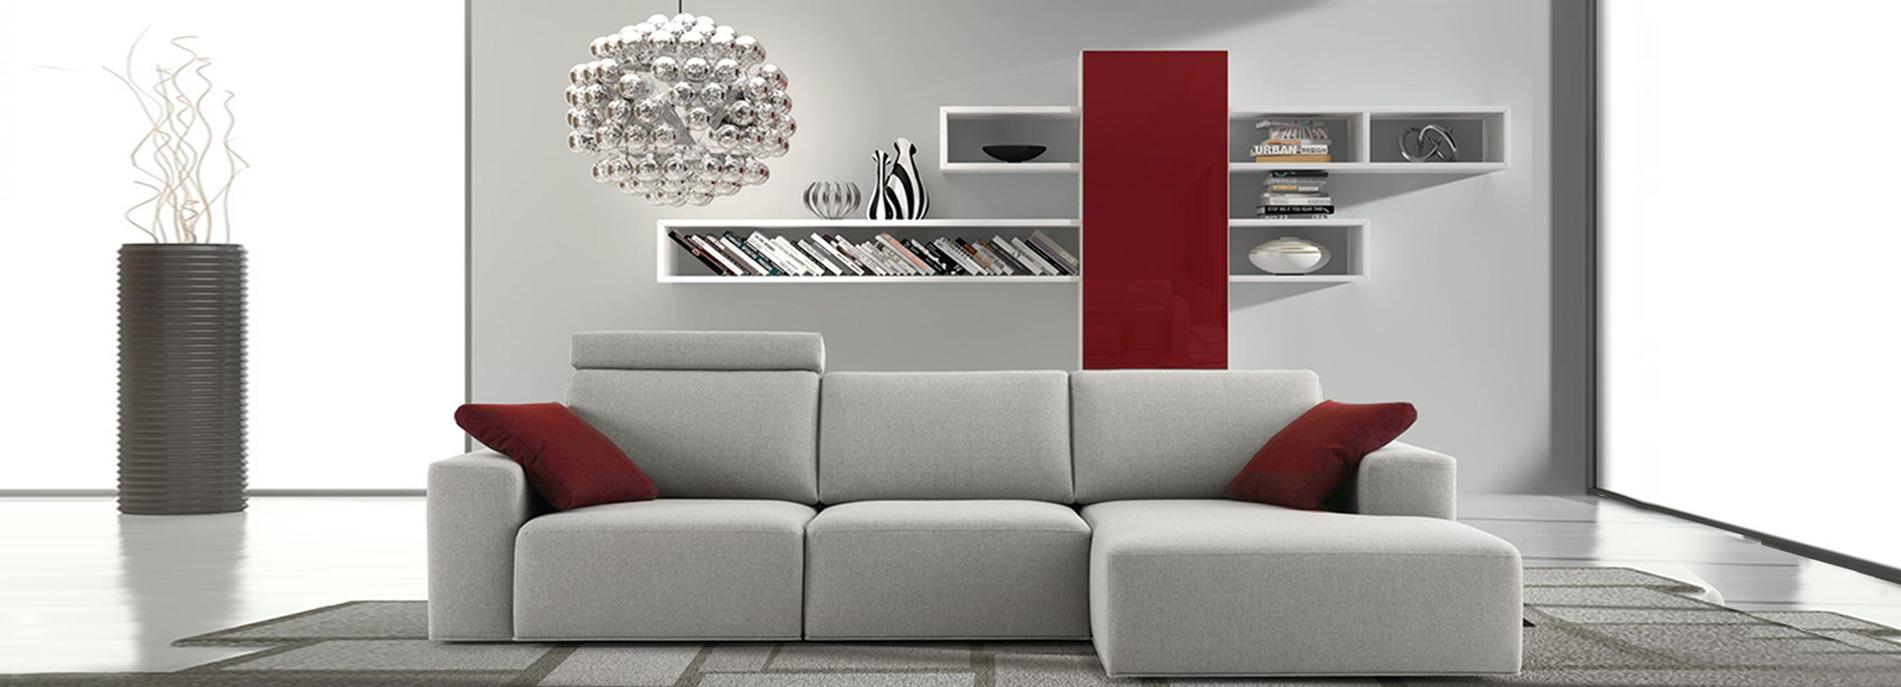 Mobili per ingresso moderni on line design casa creativa for Mobili per divani